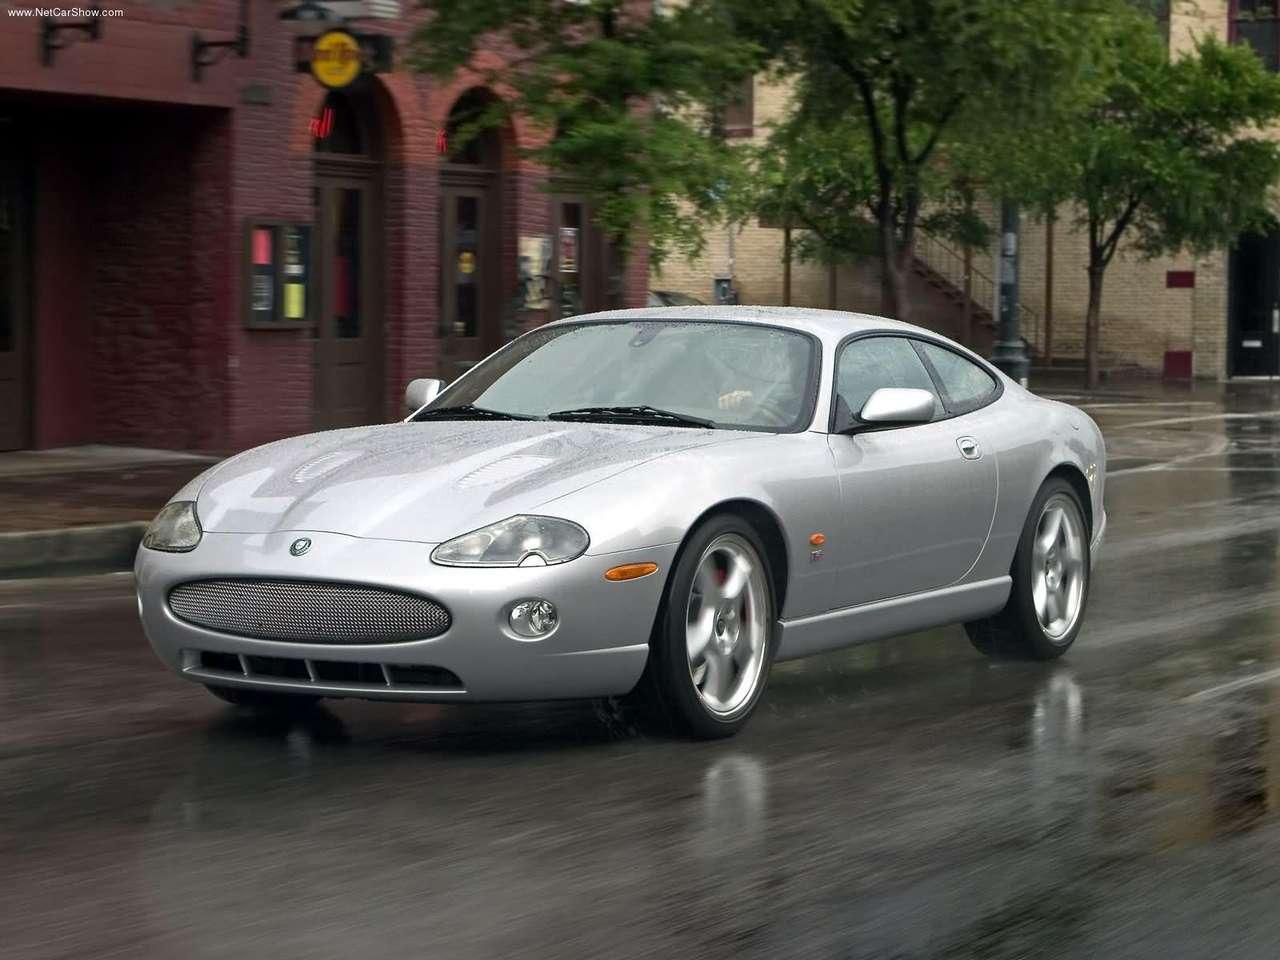 http://4.bp.blogspot.com/-sJSWZ1mt9k8/TZMgT7MD5KI/AAAAAAAACLs/kihqyWAaD5M/s1600/Jaguar-XKR_Coupe_2005_1280x960_wallpaper_01.jpg